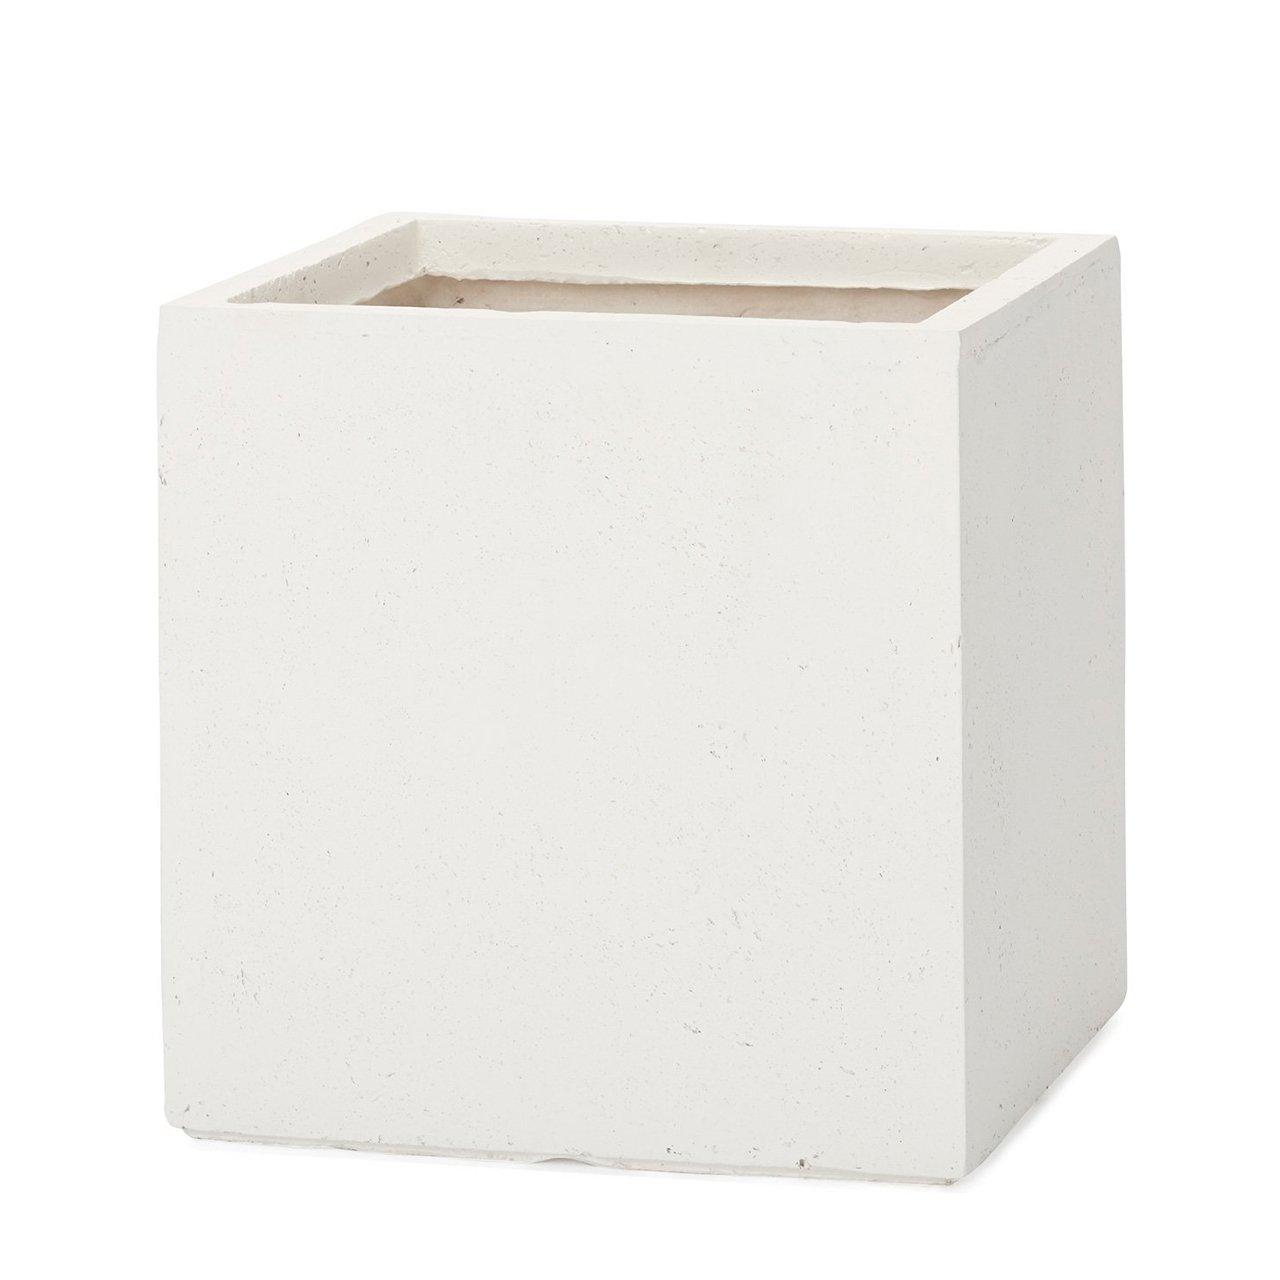 植木鉢 大型 ファイバークレイプロ ベータ キューブプランター 45 ホワイト B00LSB0JFG 45|ホワイト ホワイト 45